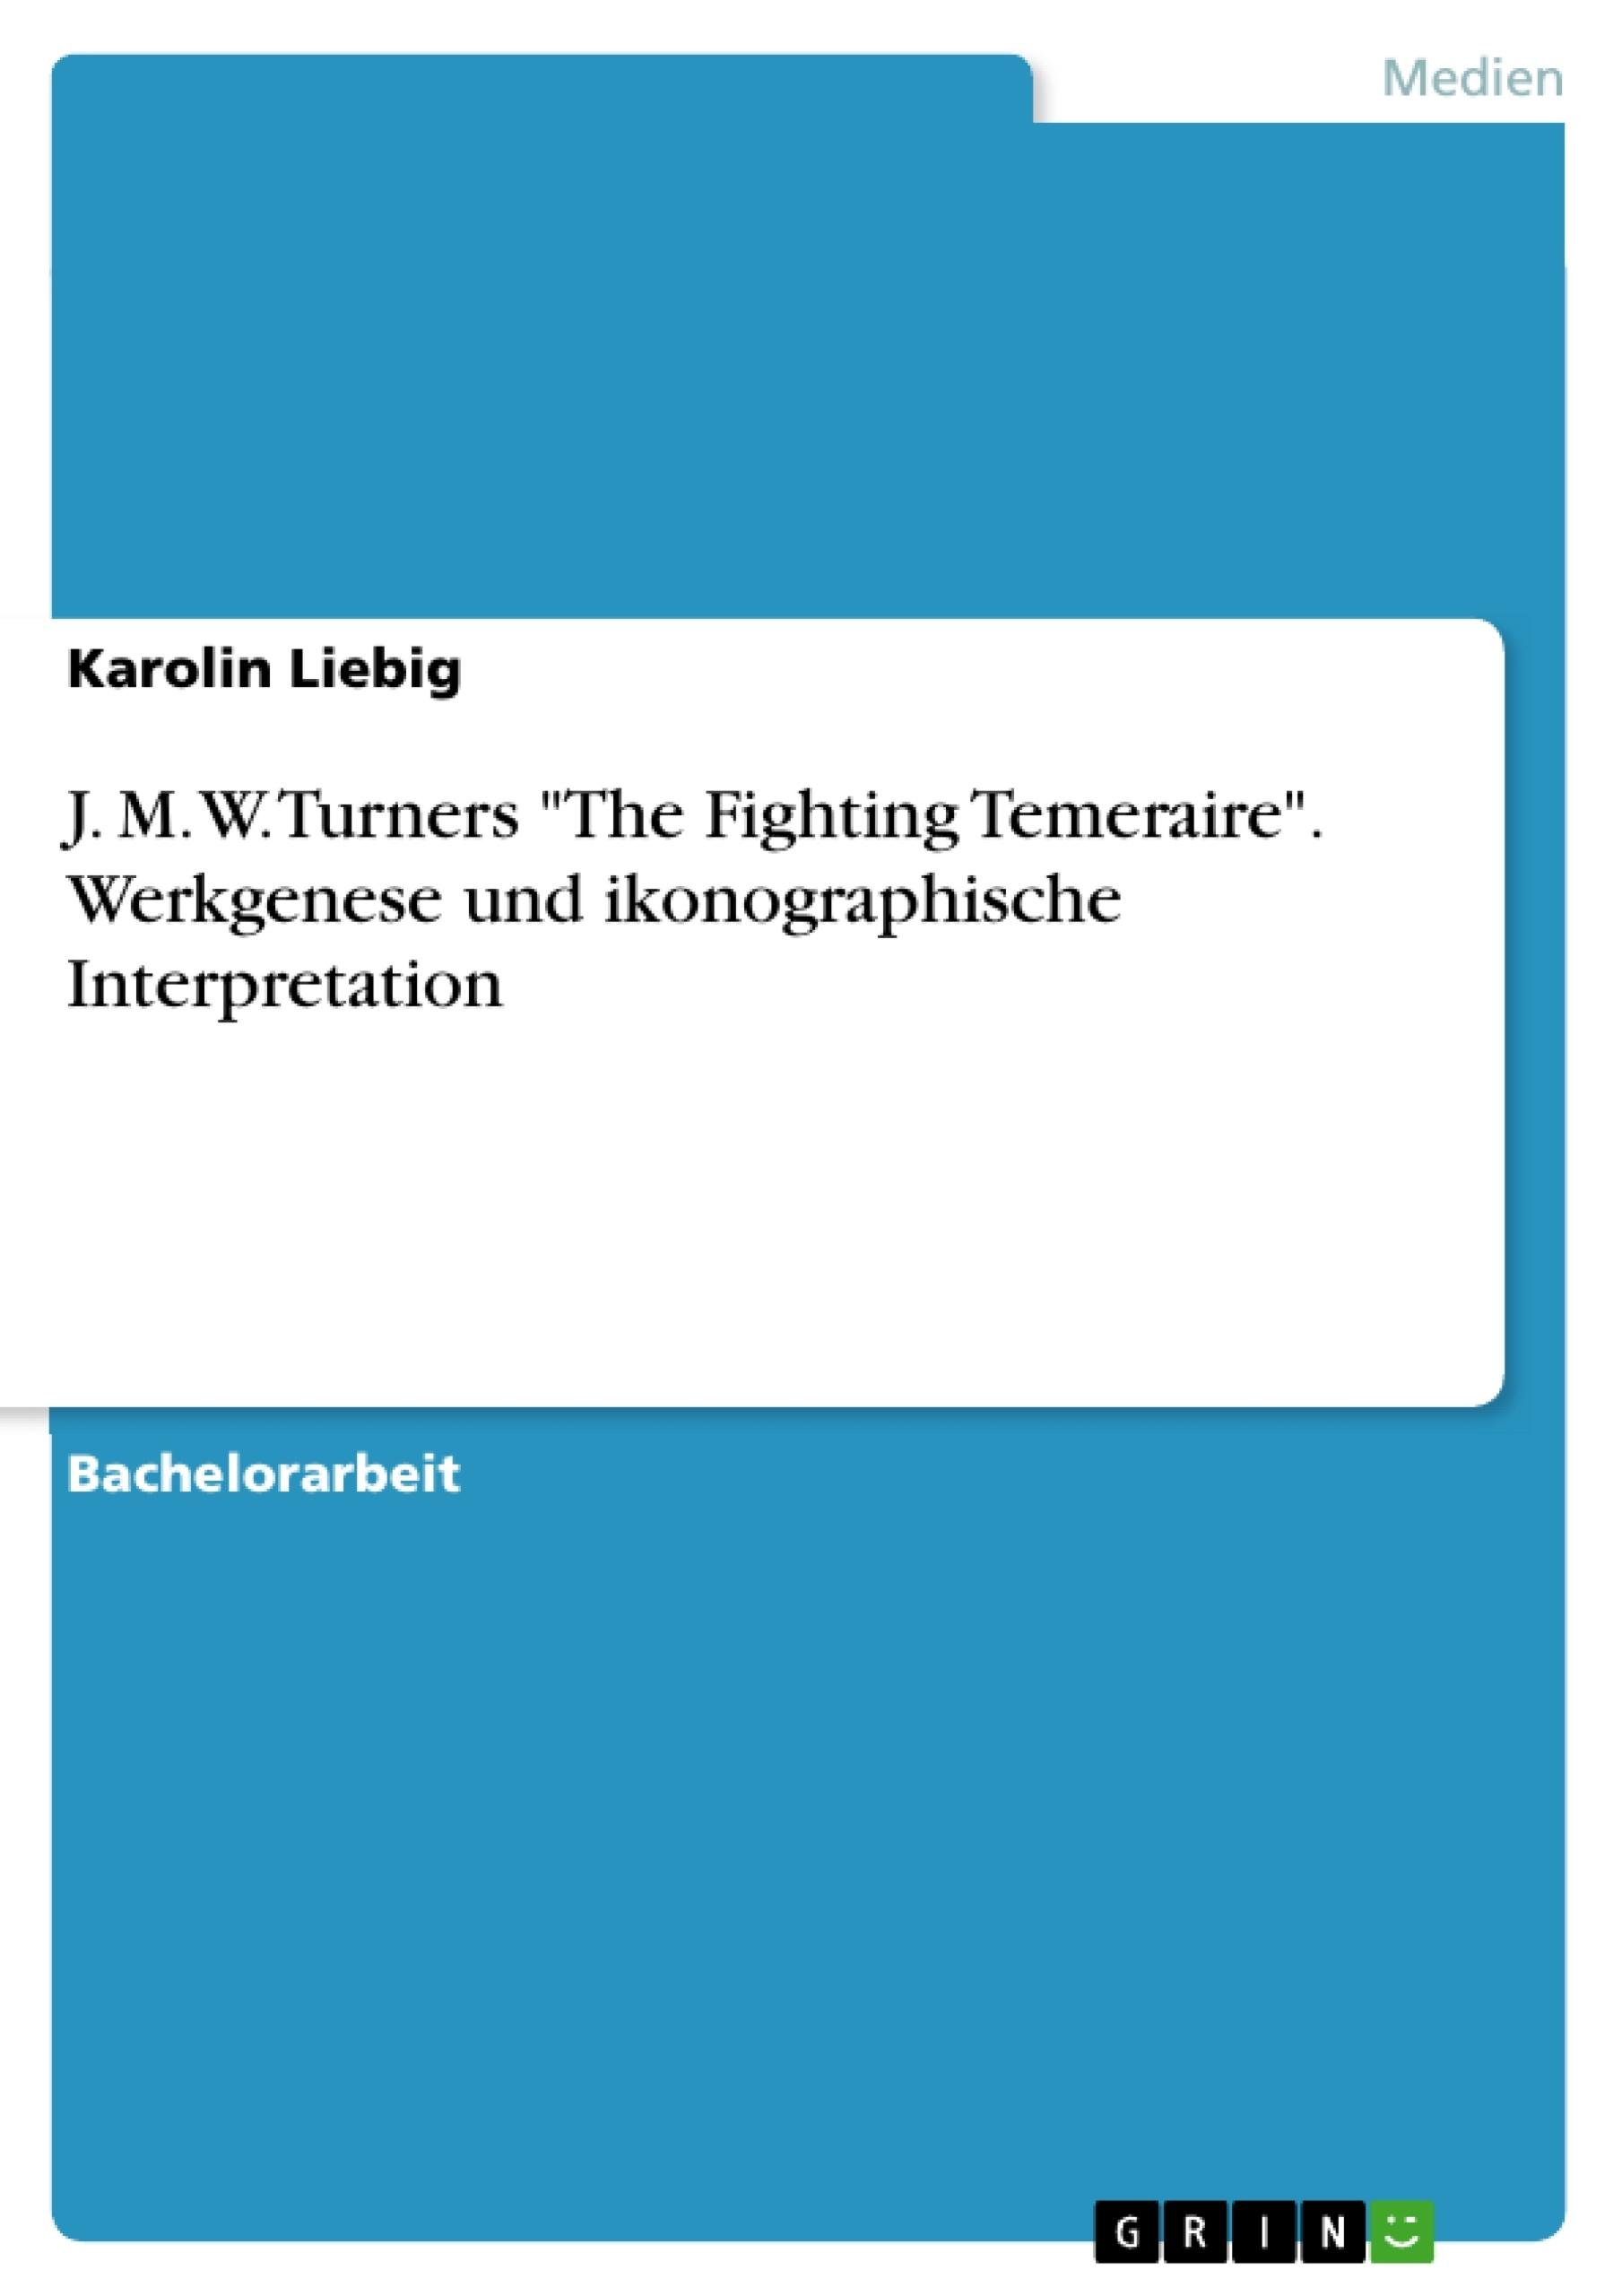 """Titel: J. M. W. Turners """"The Fighting Temeraire"""". Werkgenese und ikonographische Interpretation"""